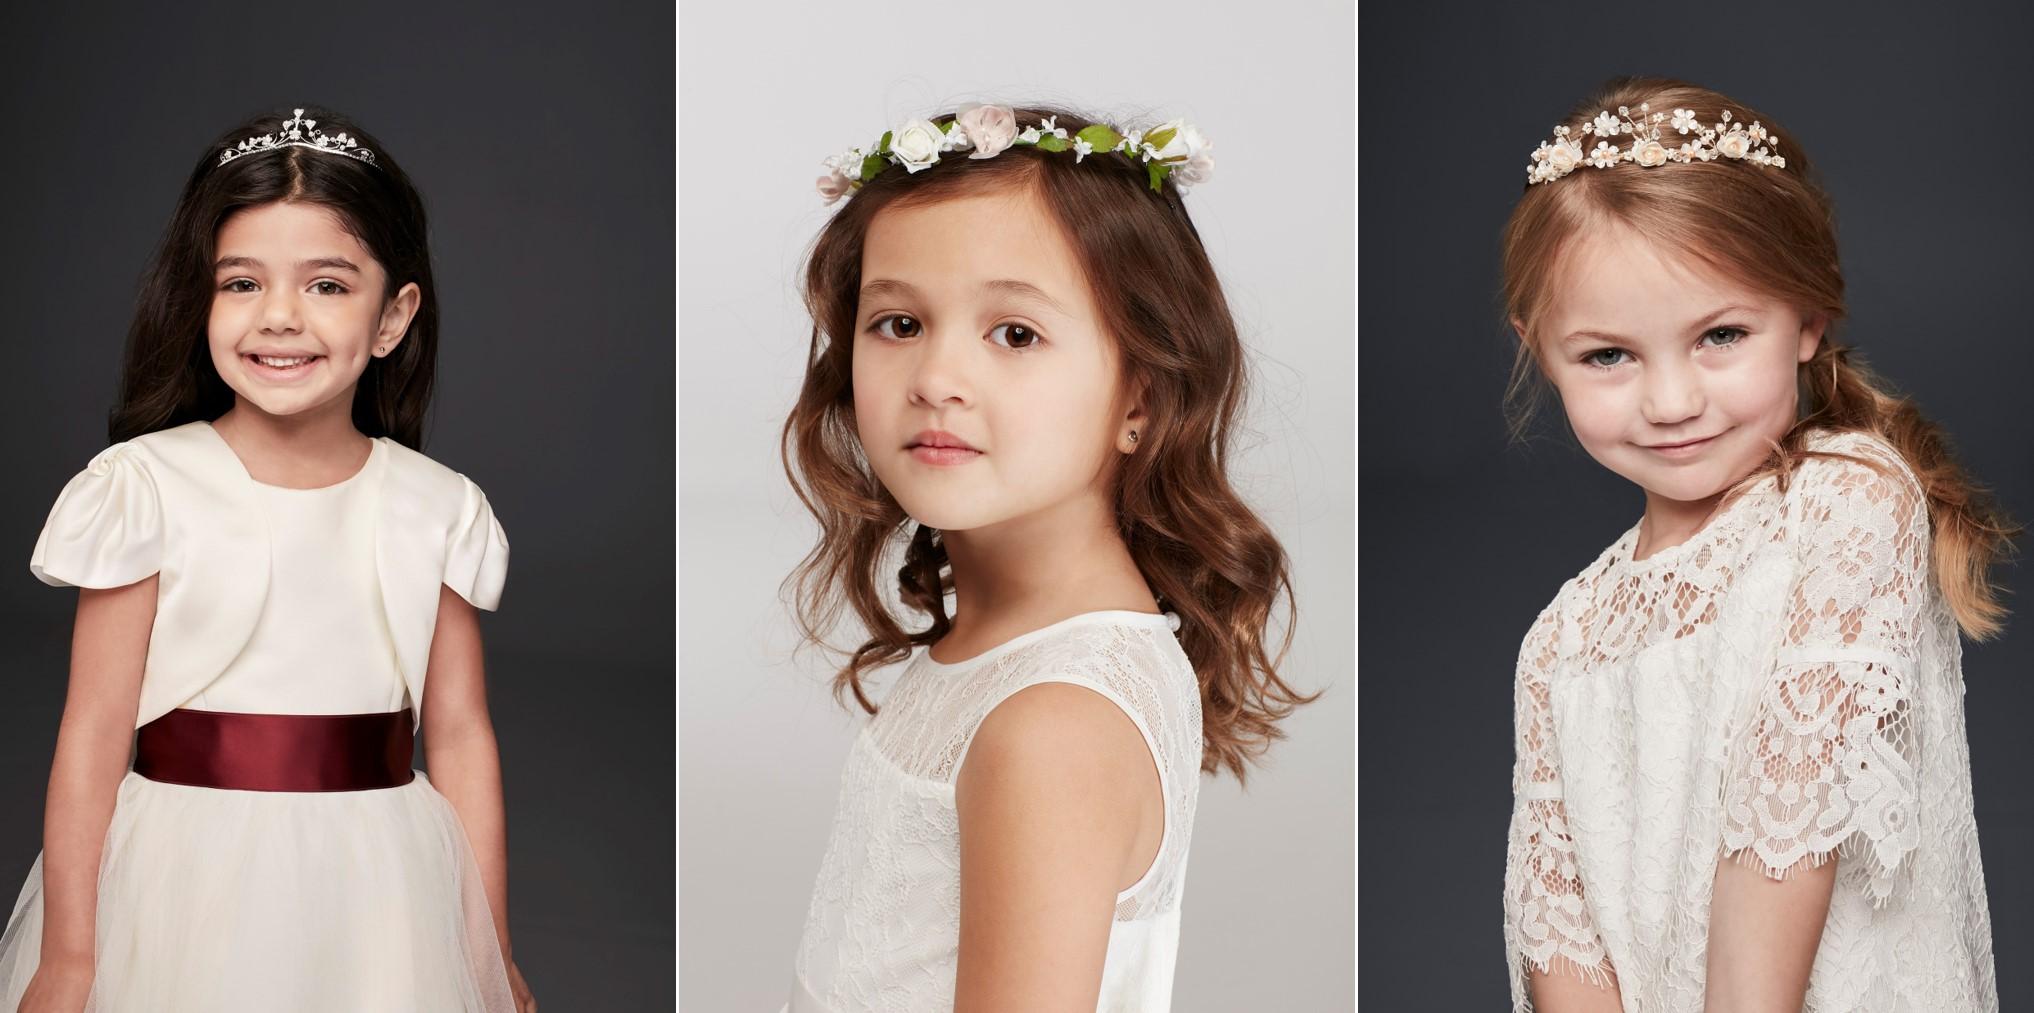 Girls in Meghan Markle look a like flower girl accessories